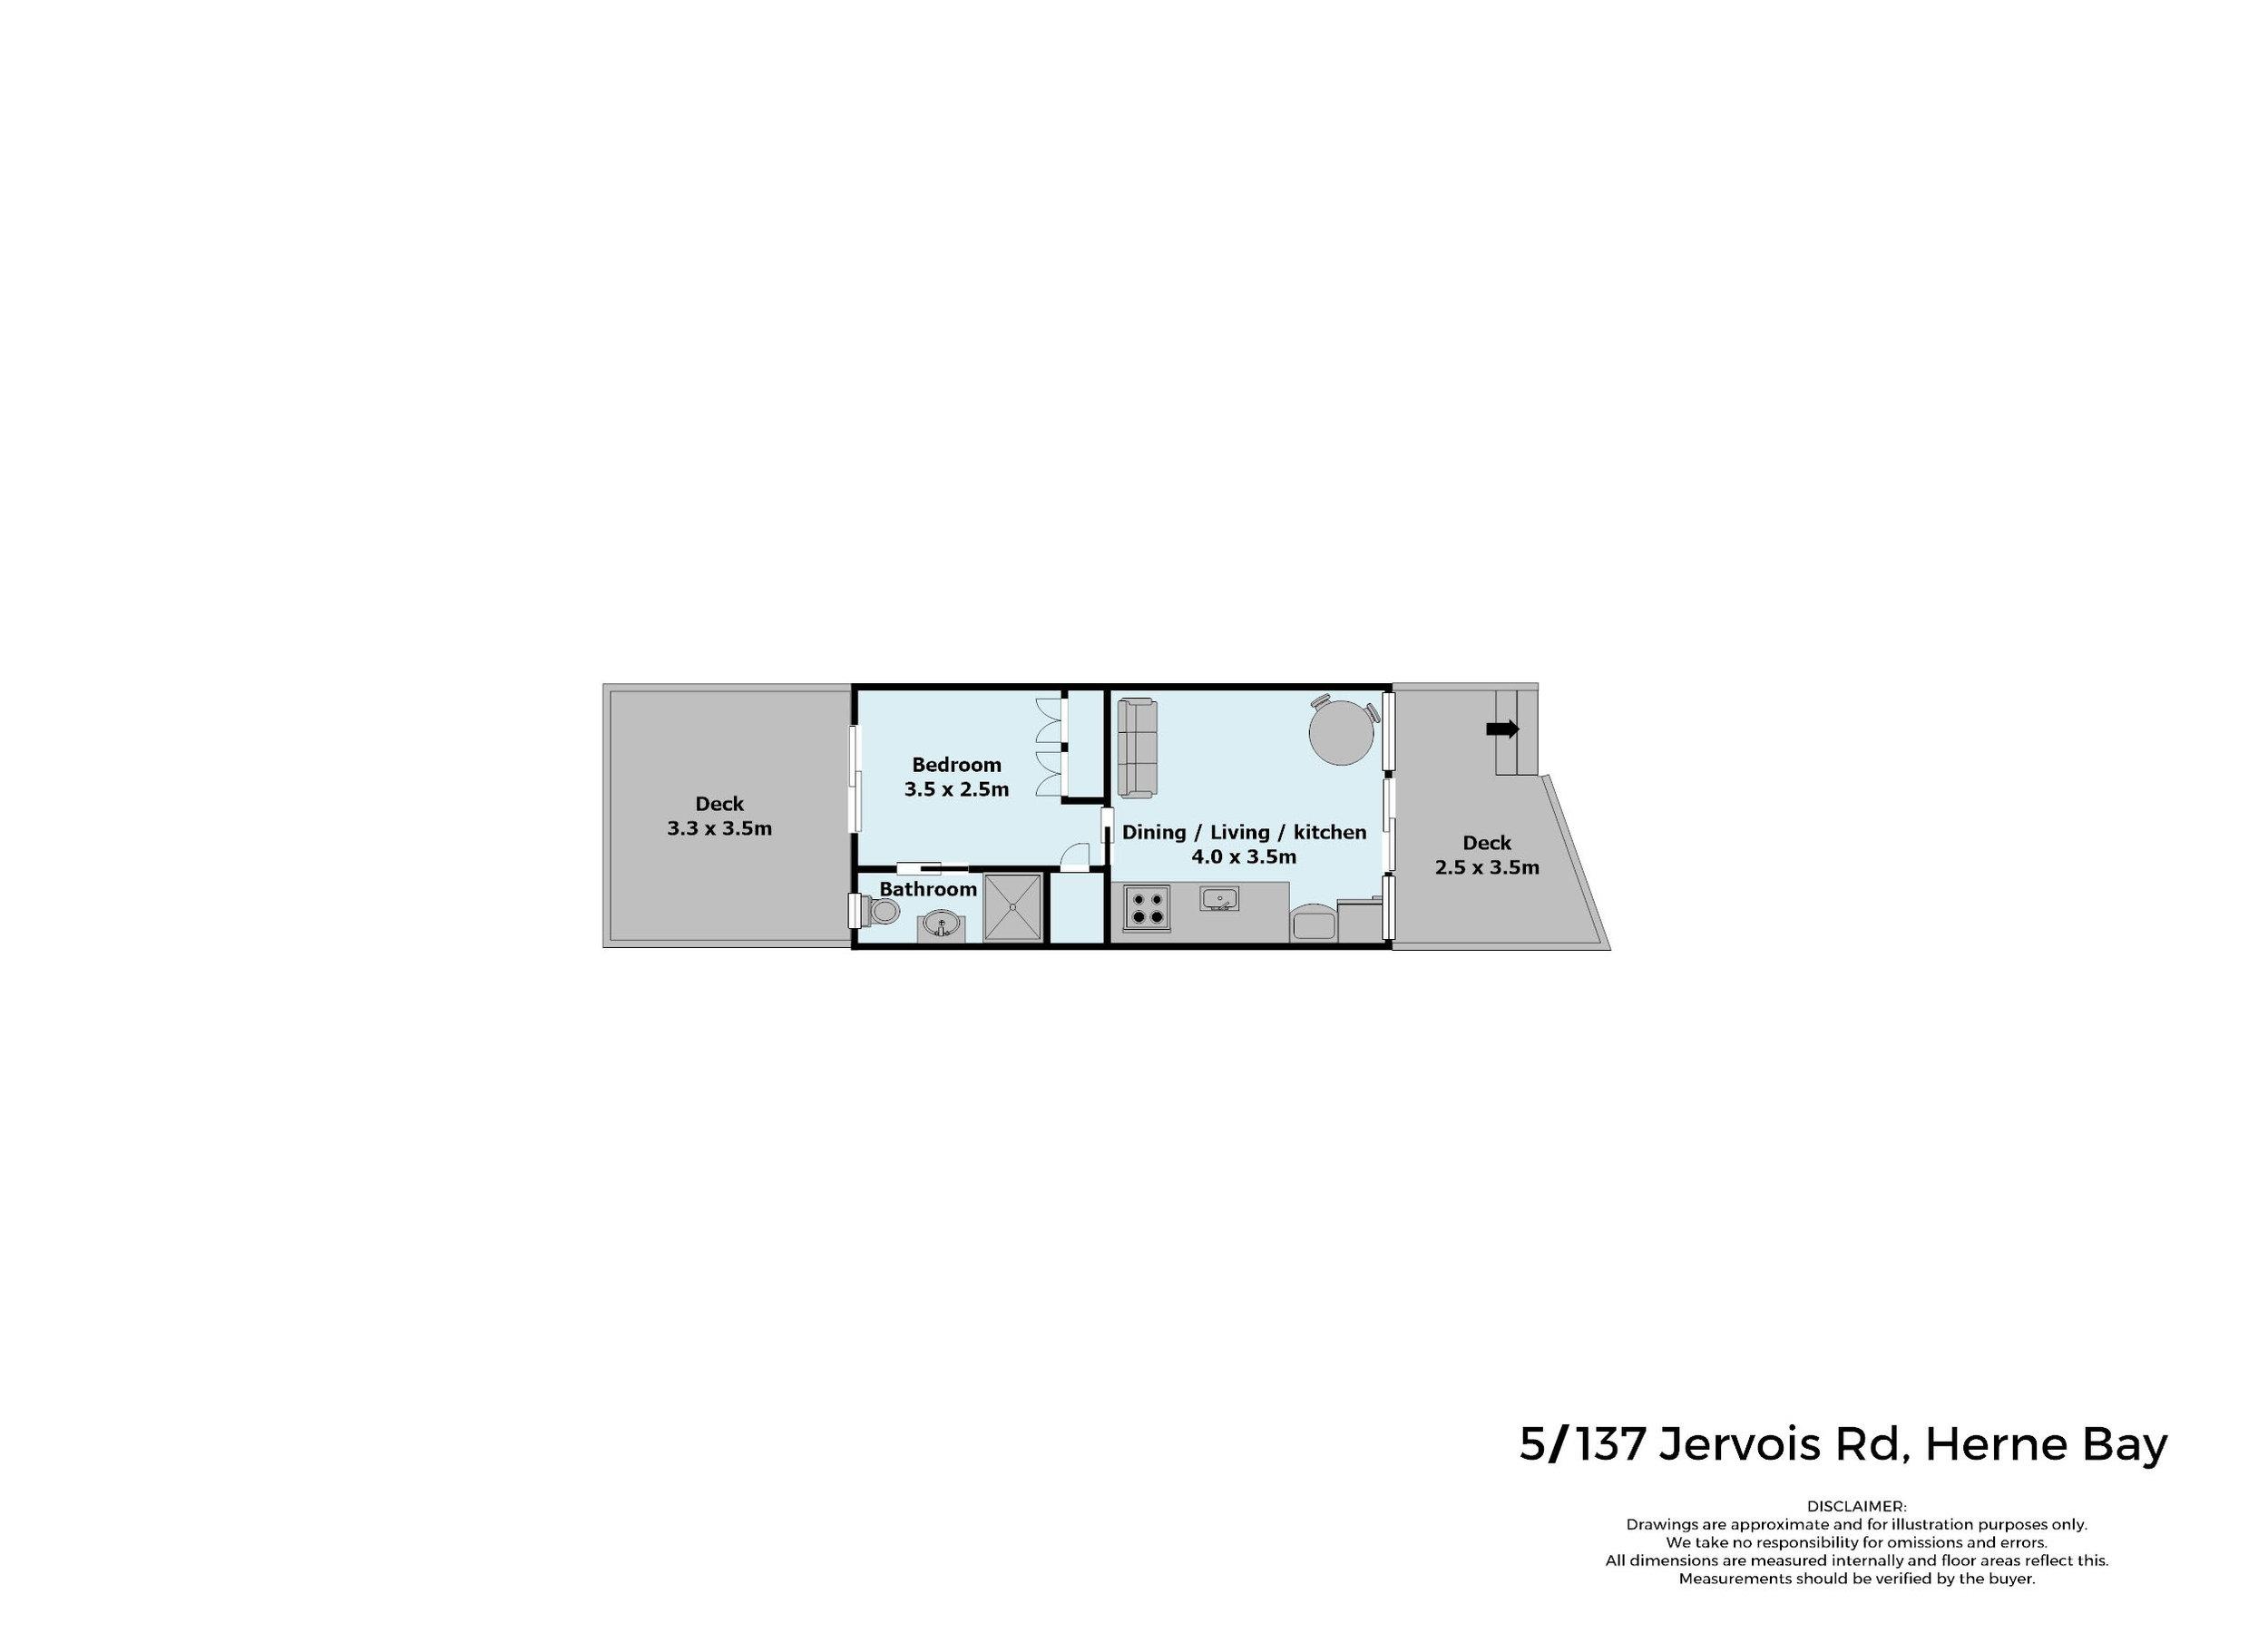 5-137 Jervois Rd Floorplan.jpg